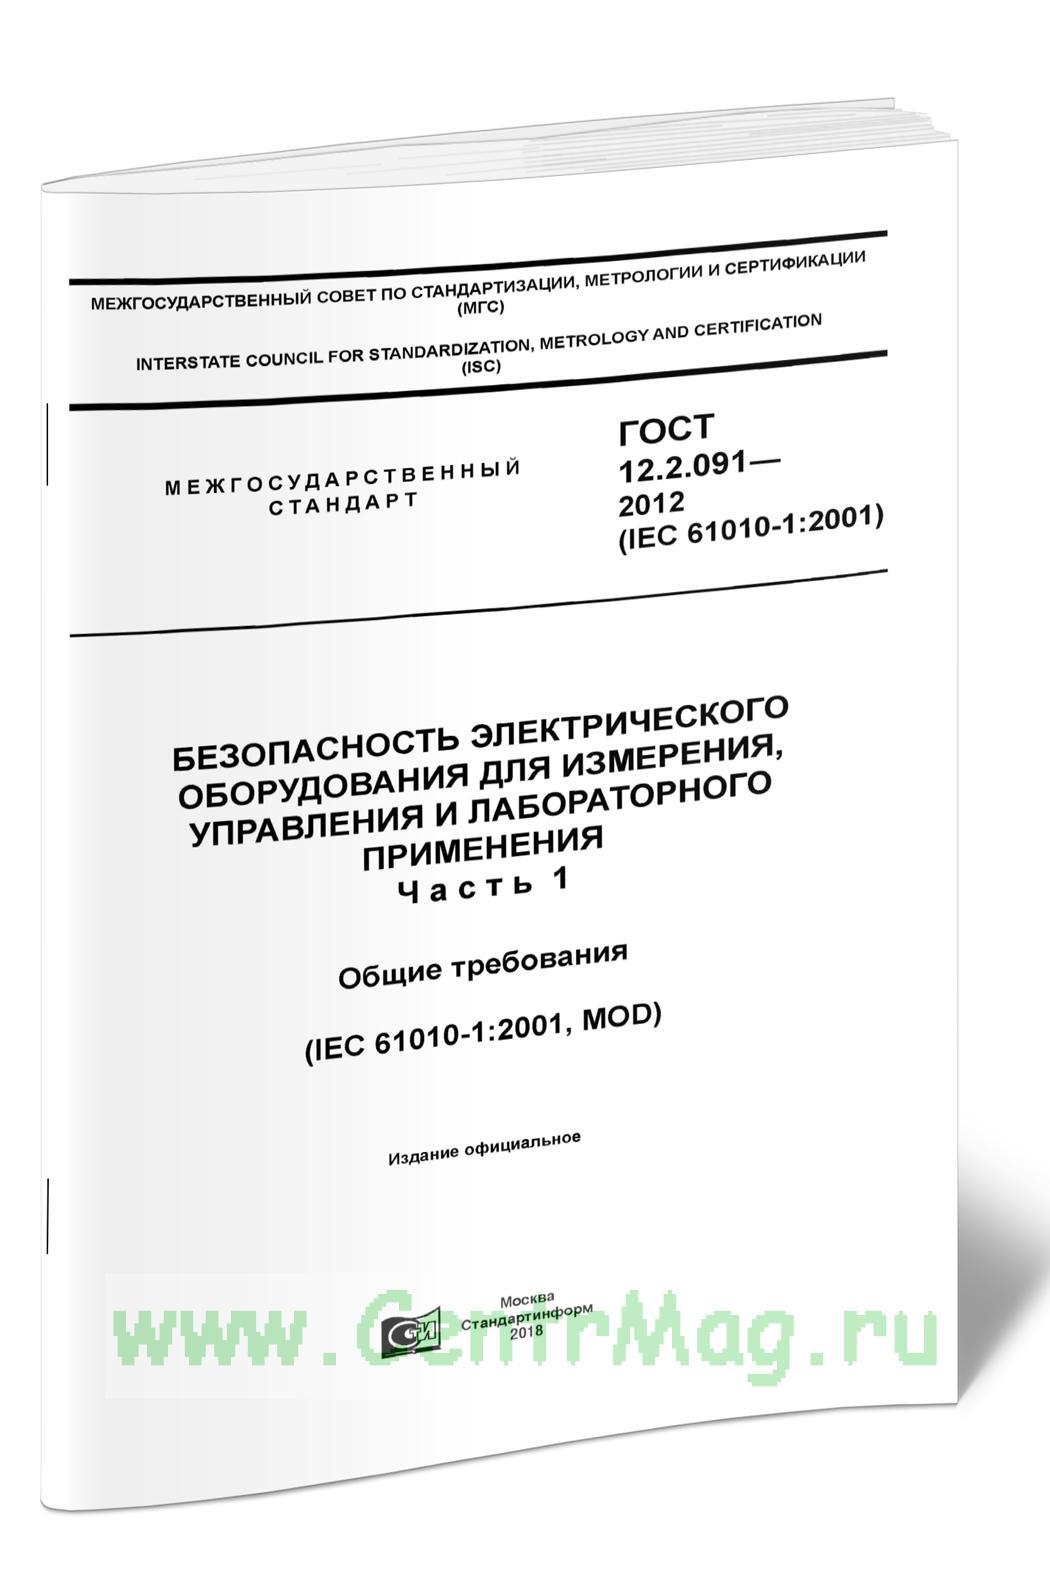 ГОСТ 12.2.091-2012 Безопасность электрического оборудования для измерения, управления и лабораторного применения. Часть 1. Общие требования 2019 год. Последняя редакция